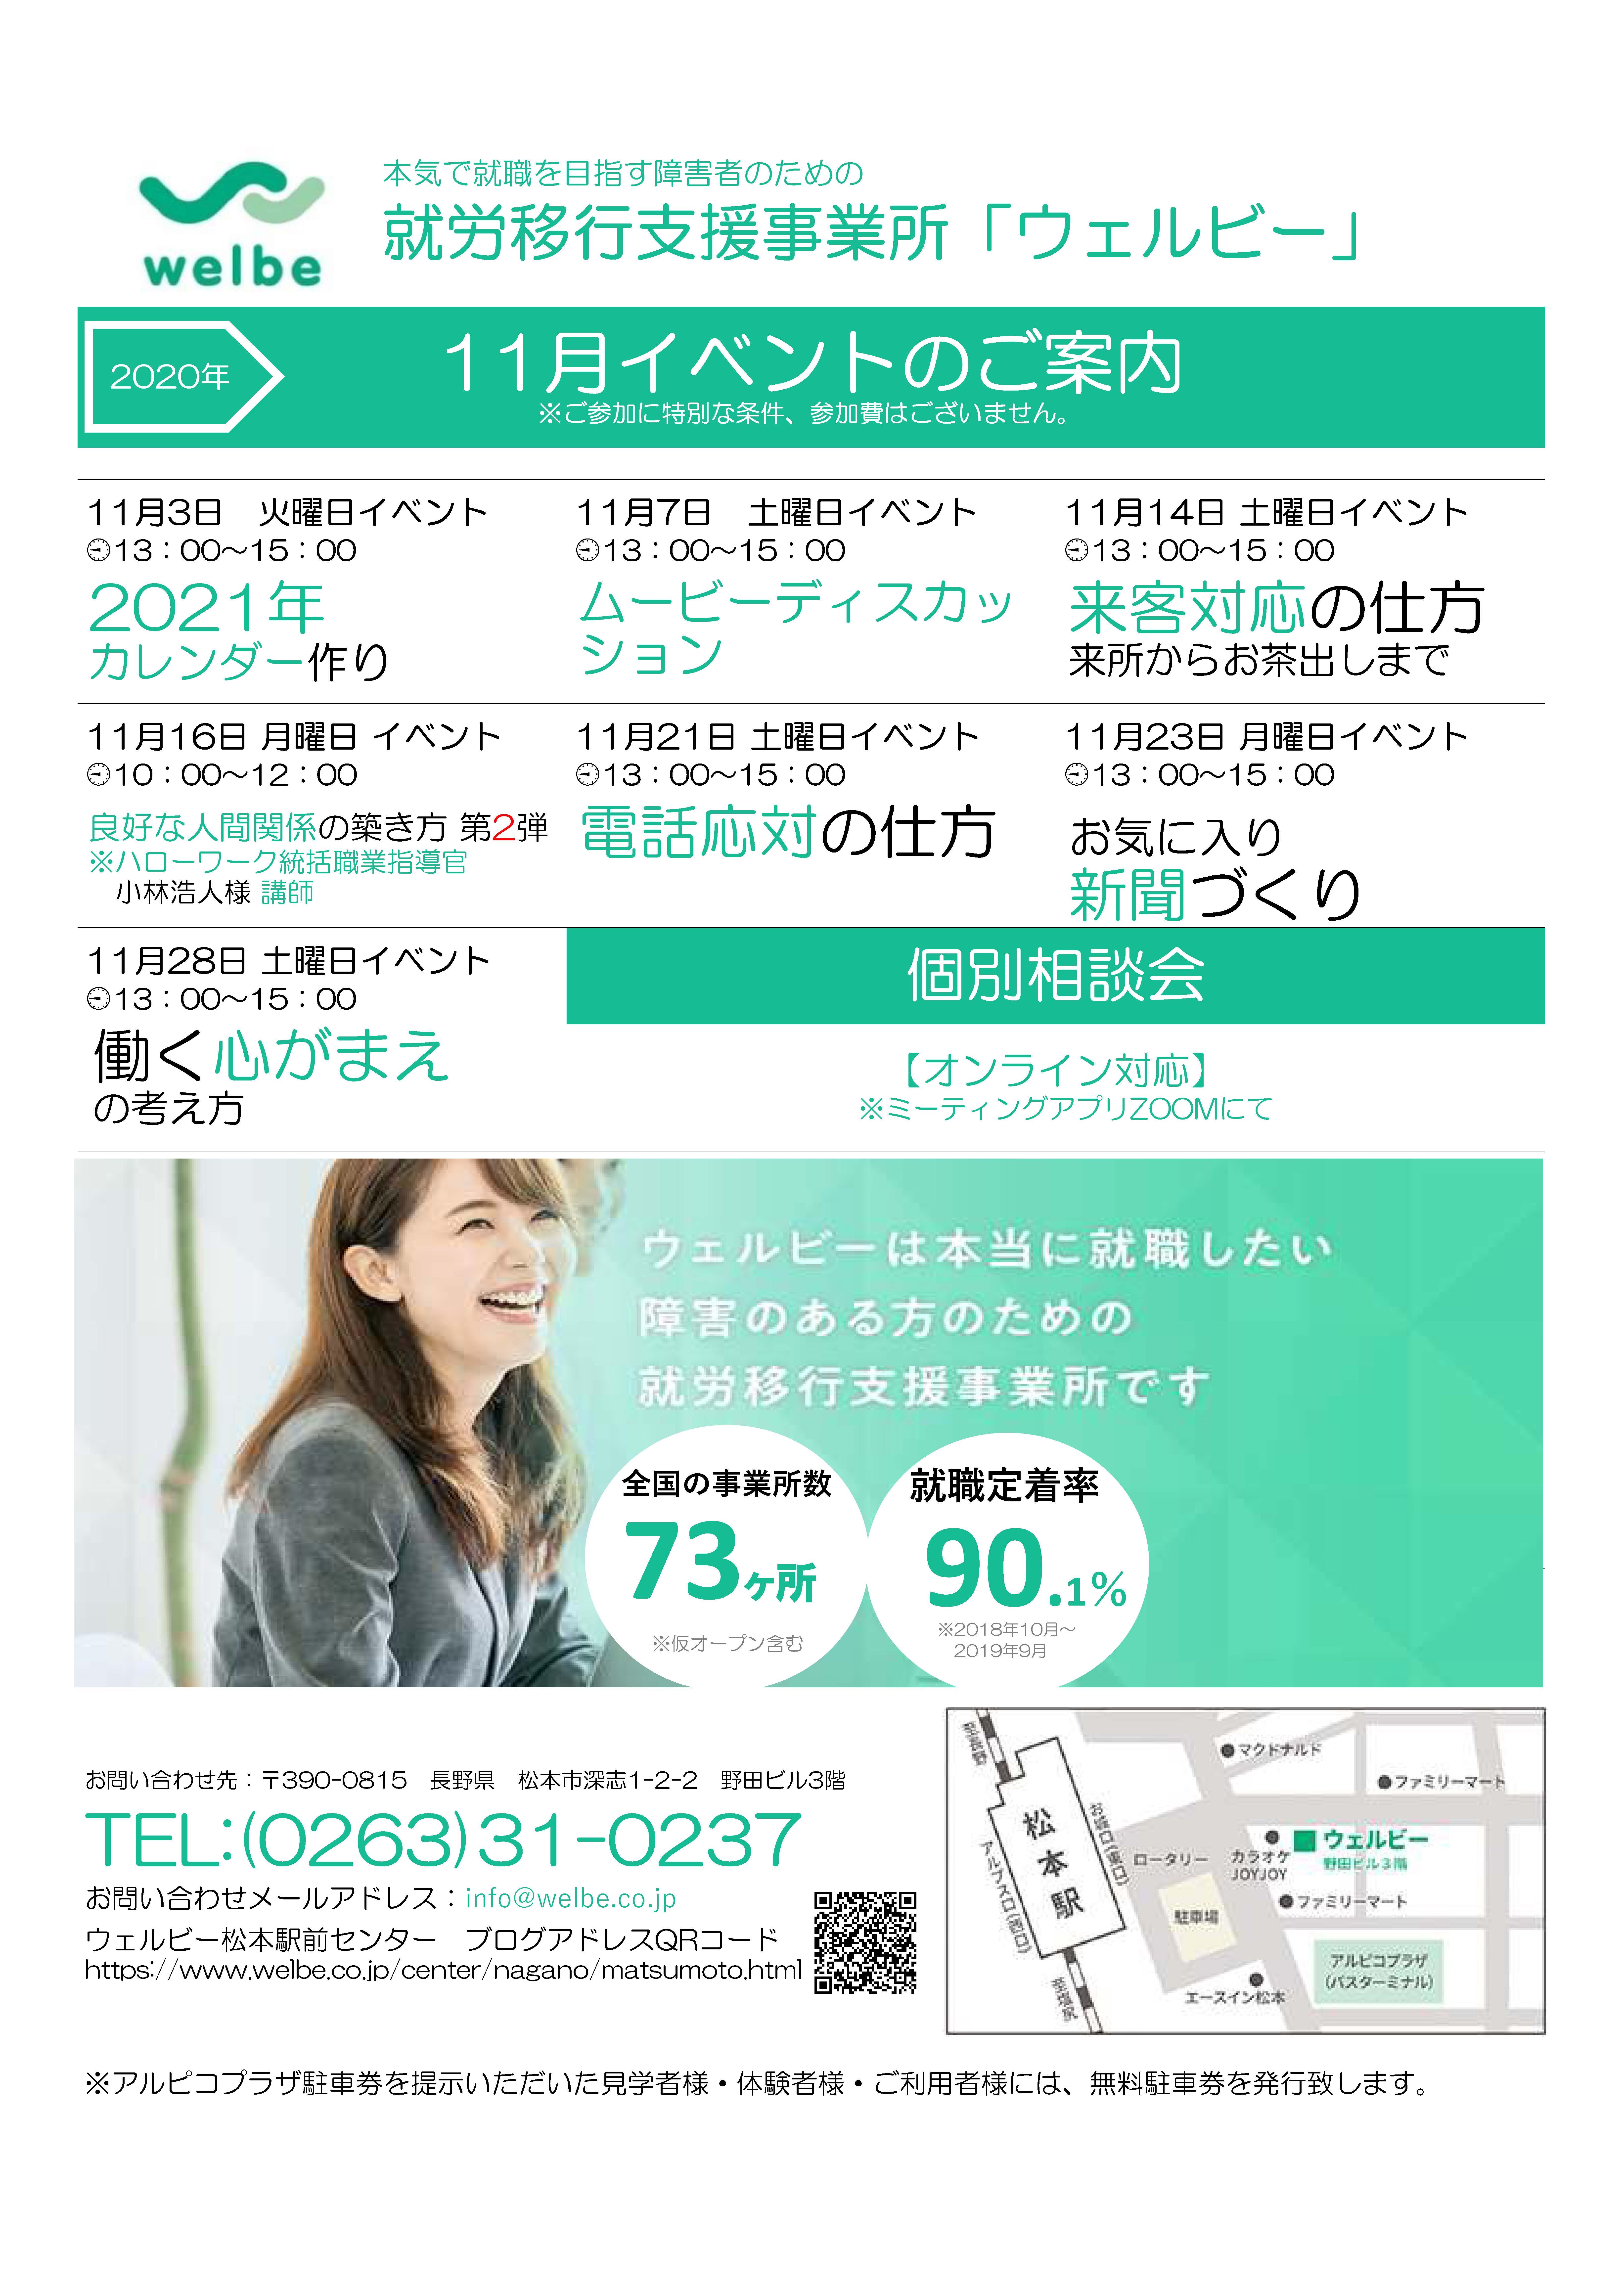 ウェルビー松本駅前センター11月イベント